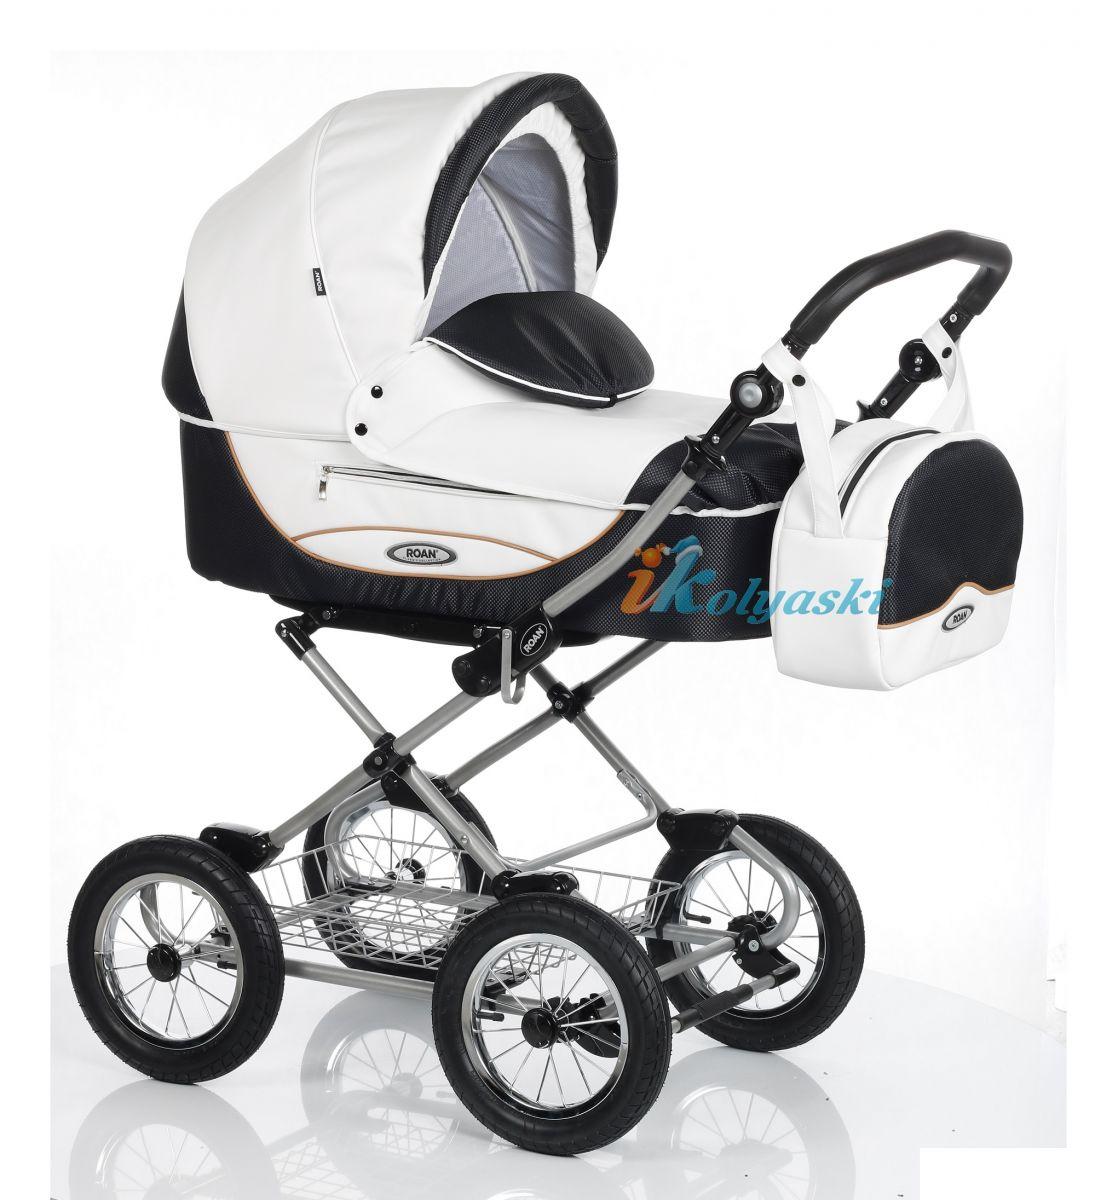 Детская коляска Roan Kortina Luxe Роан Кортина люкс 2018 спальная люлька 3 в 1 , коляска для новорожденных, коляска зима-лето.  roan kortina, roan cortina, Детская коляска Roan Kortina Luxe, коляска Роан Кортина люкс 2018, коляска спальная, коляска  люлька, коляска 3 в 1, коляска для новорожденных, роан кортина, коляска роан кортина, коляска roan cortina, цвет K-20